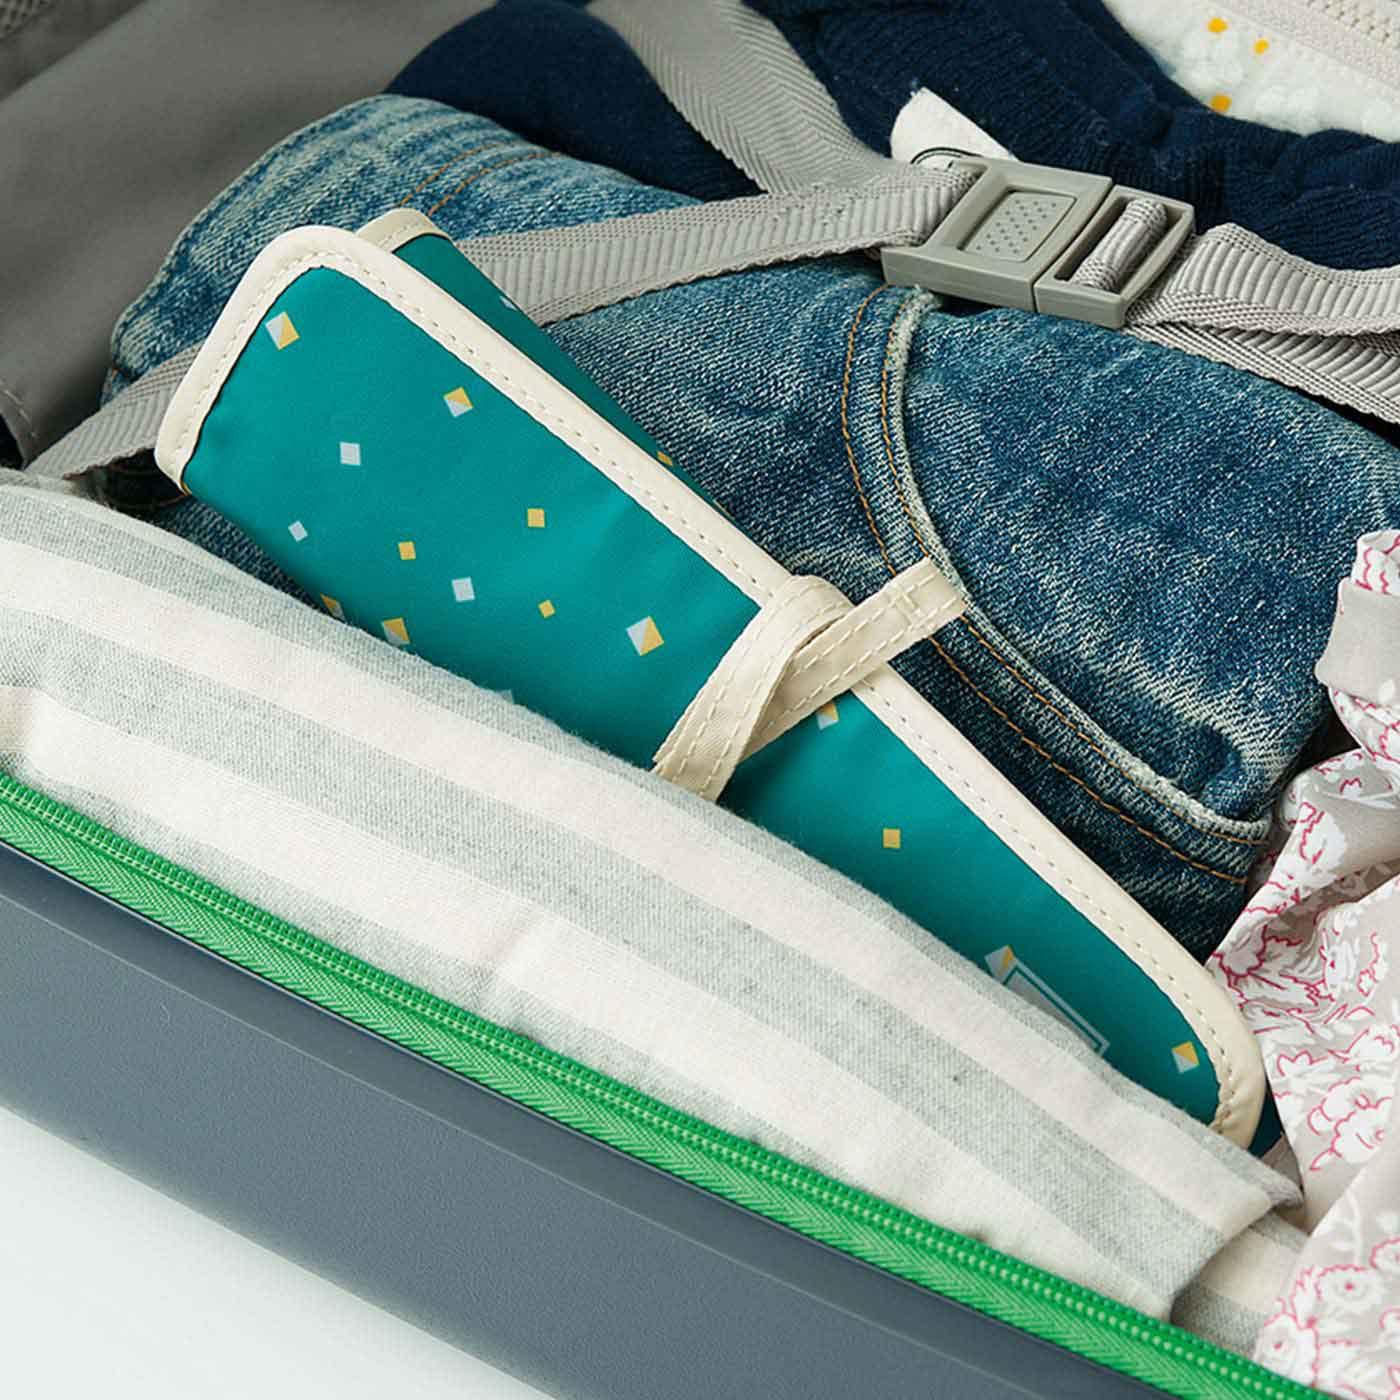 旅行かばんやスーツケースのすき間にポン。